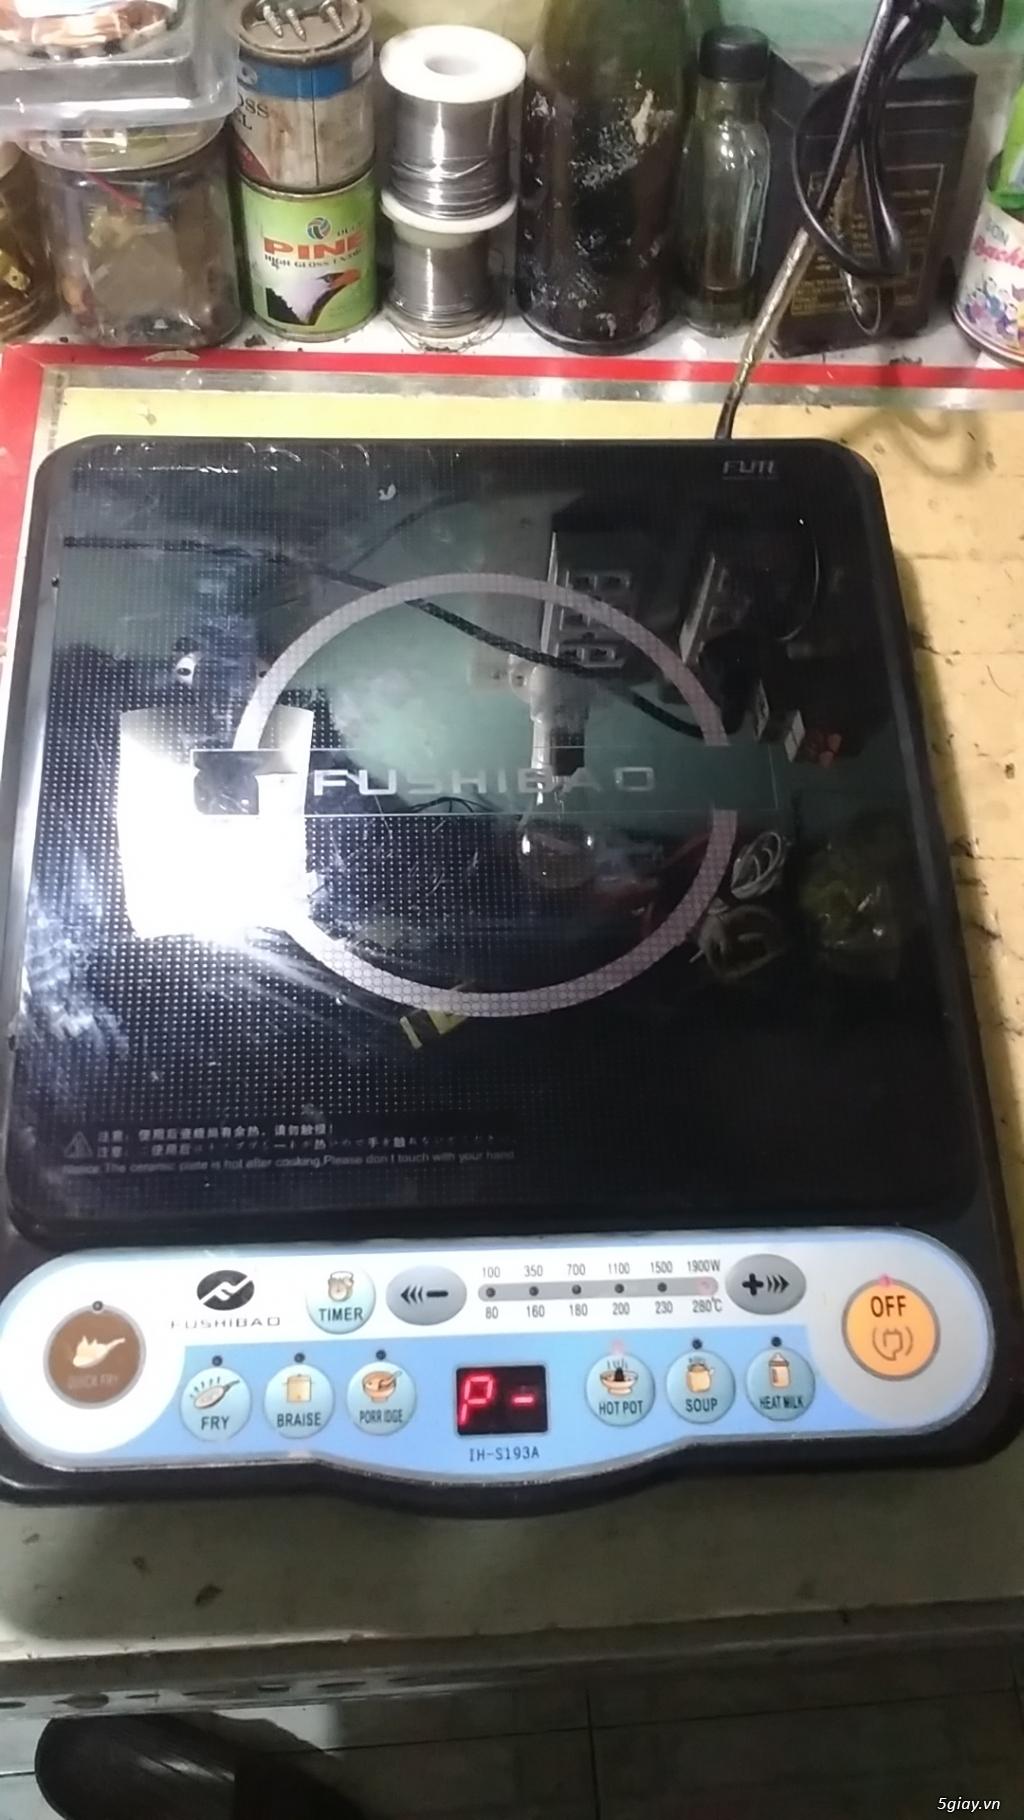 Chuyên sửa bếp hồng ngoại, 0908244258, sửa bếp điện từ, sửa nồi áp suất điện, sửa bếp quang - 26